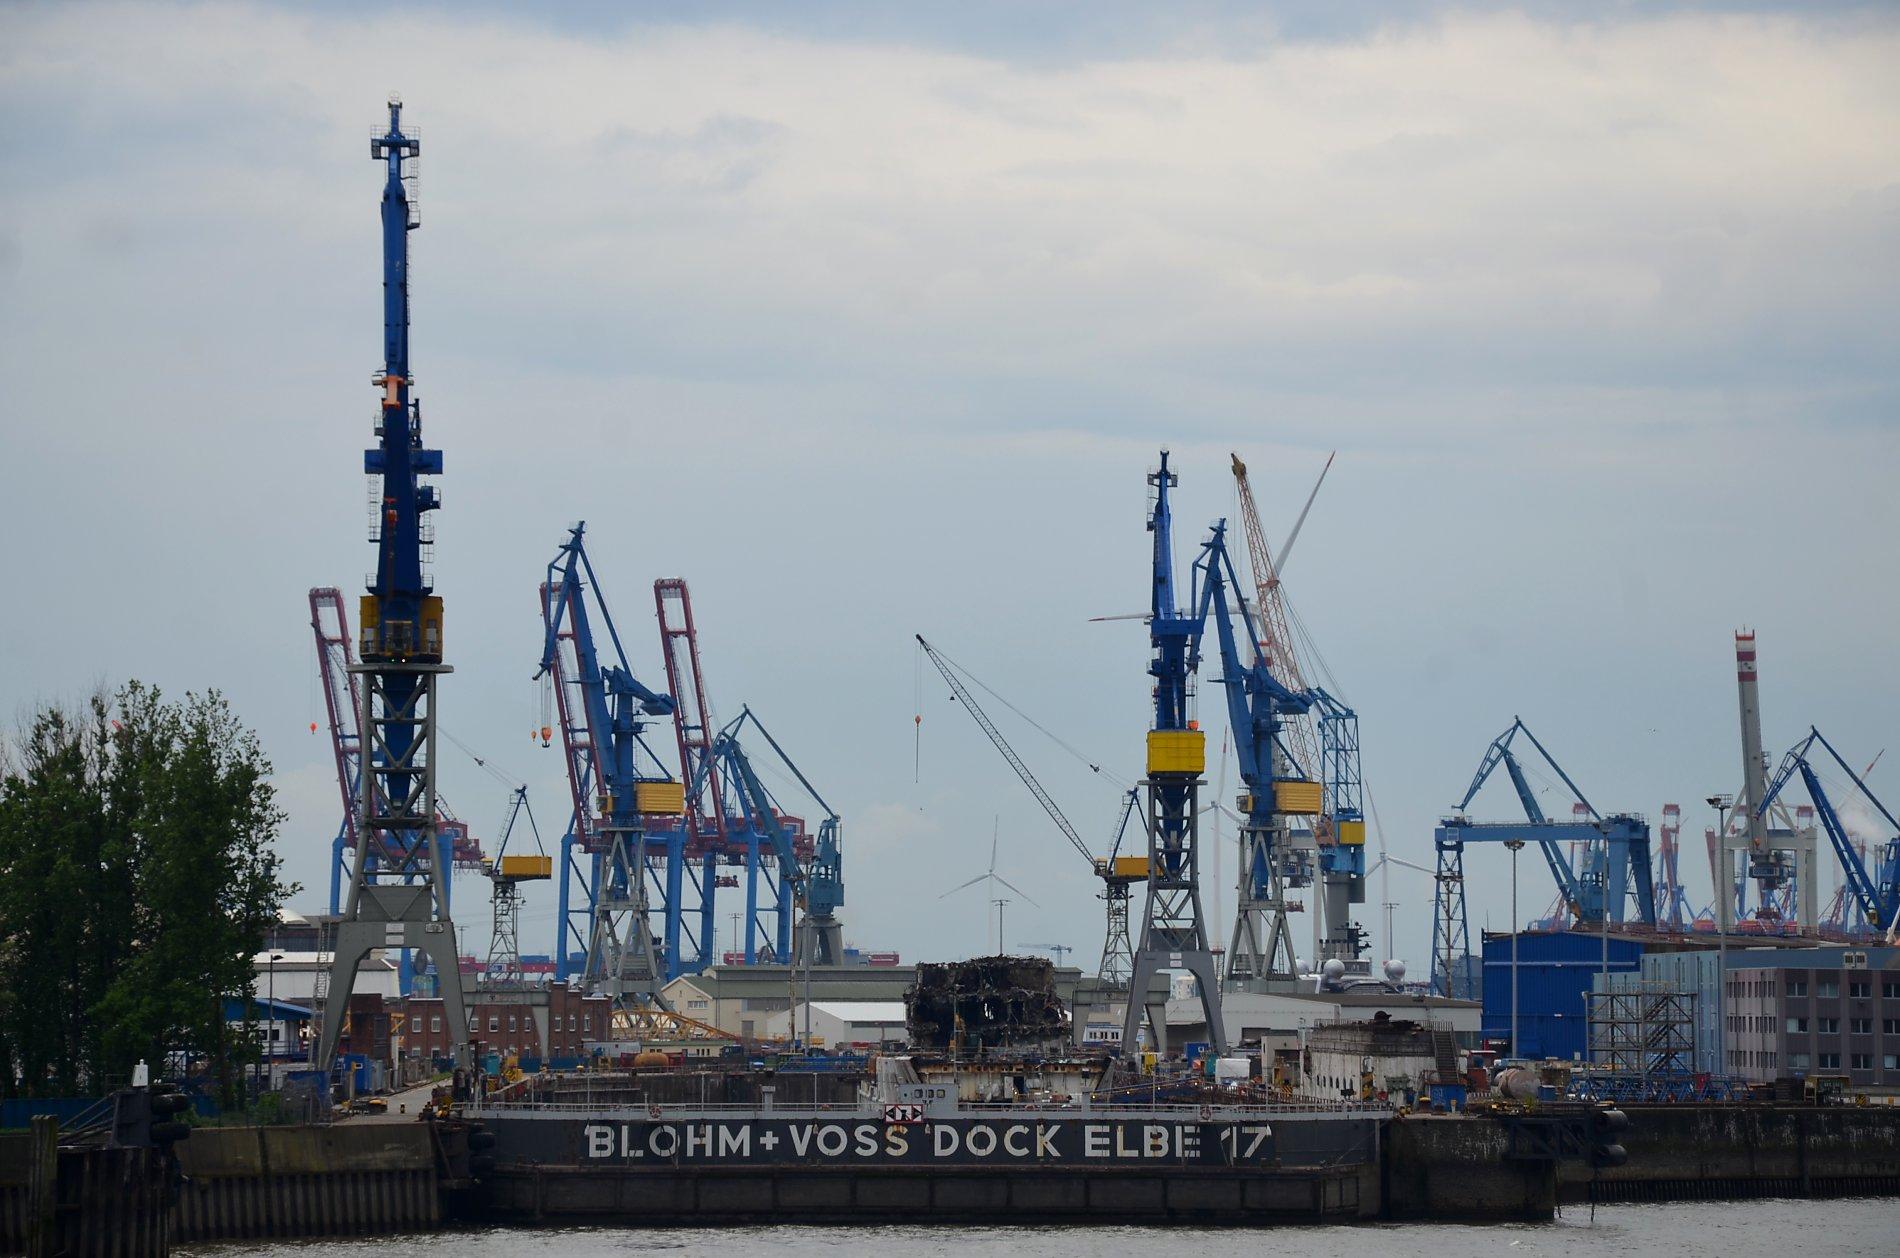 Weniger amüsant, aber genauso geschäftig geht es im Hafen zu. Transportschiffe bringen Güter aus aller Welt